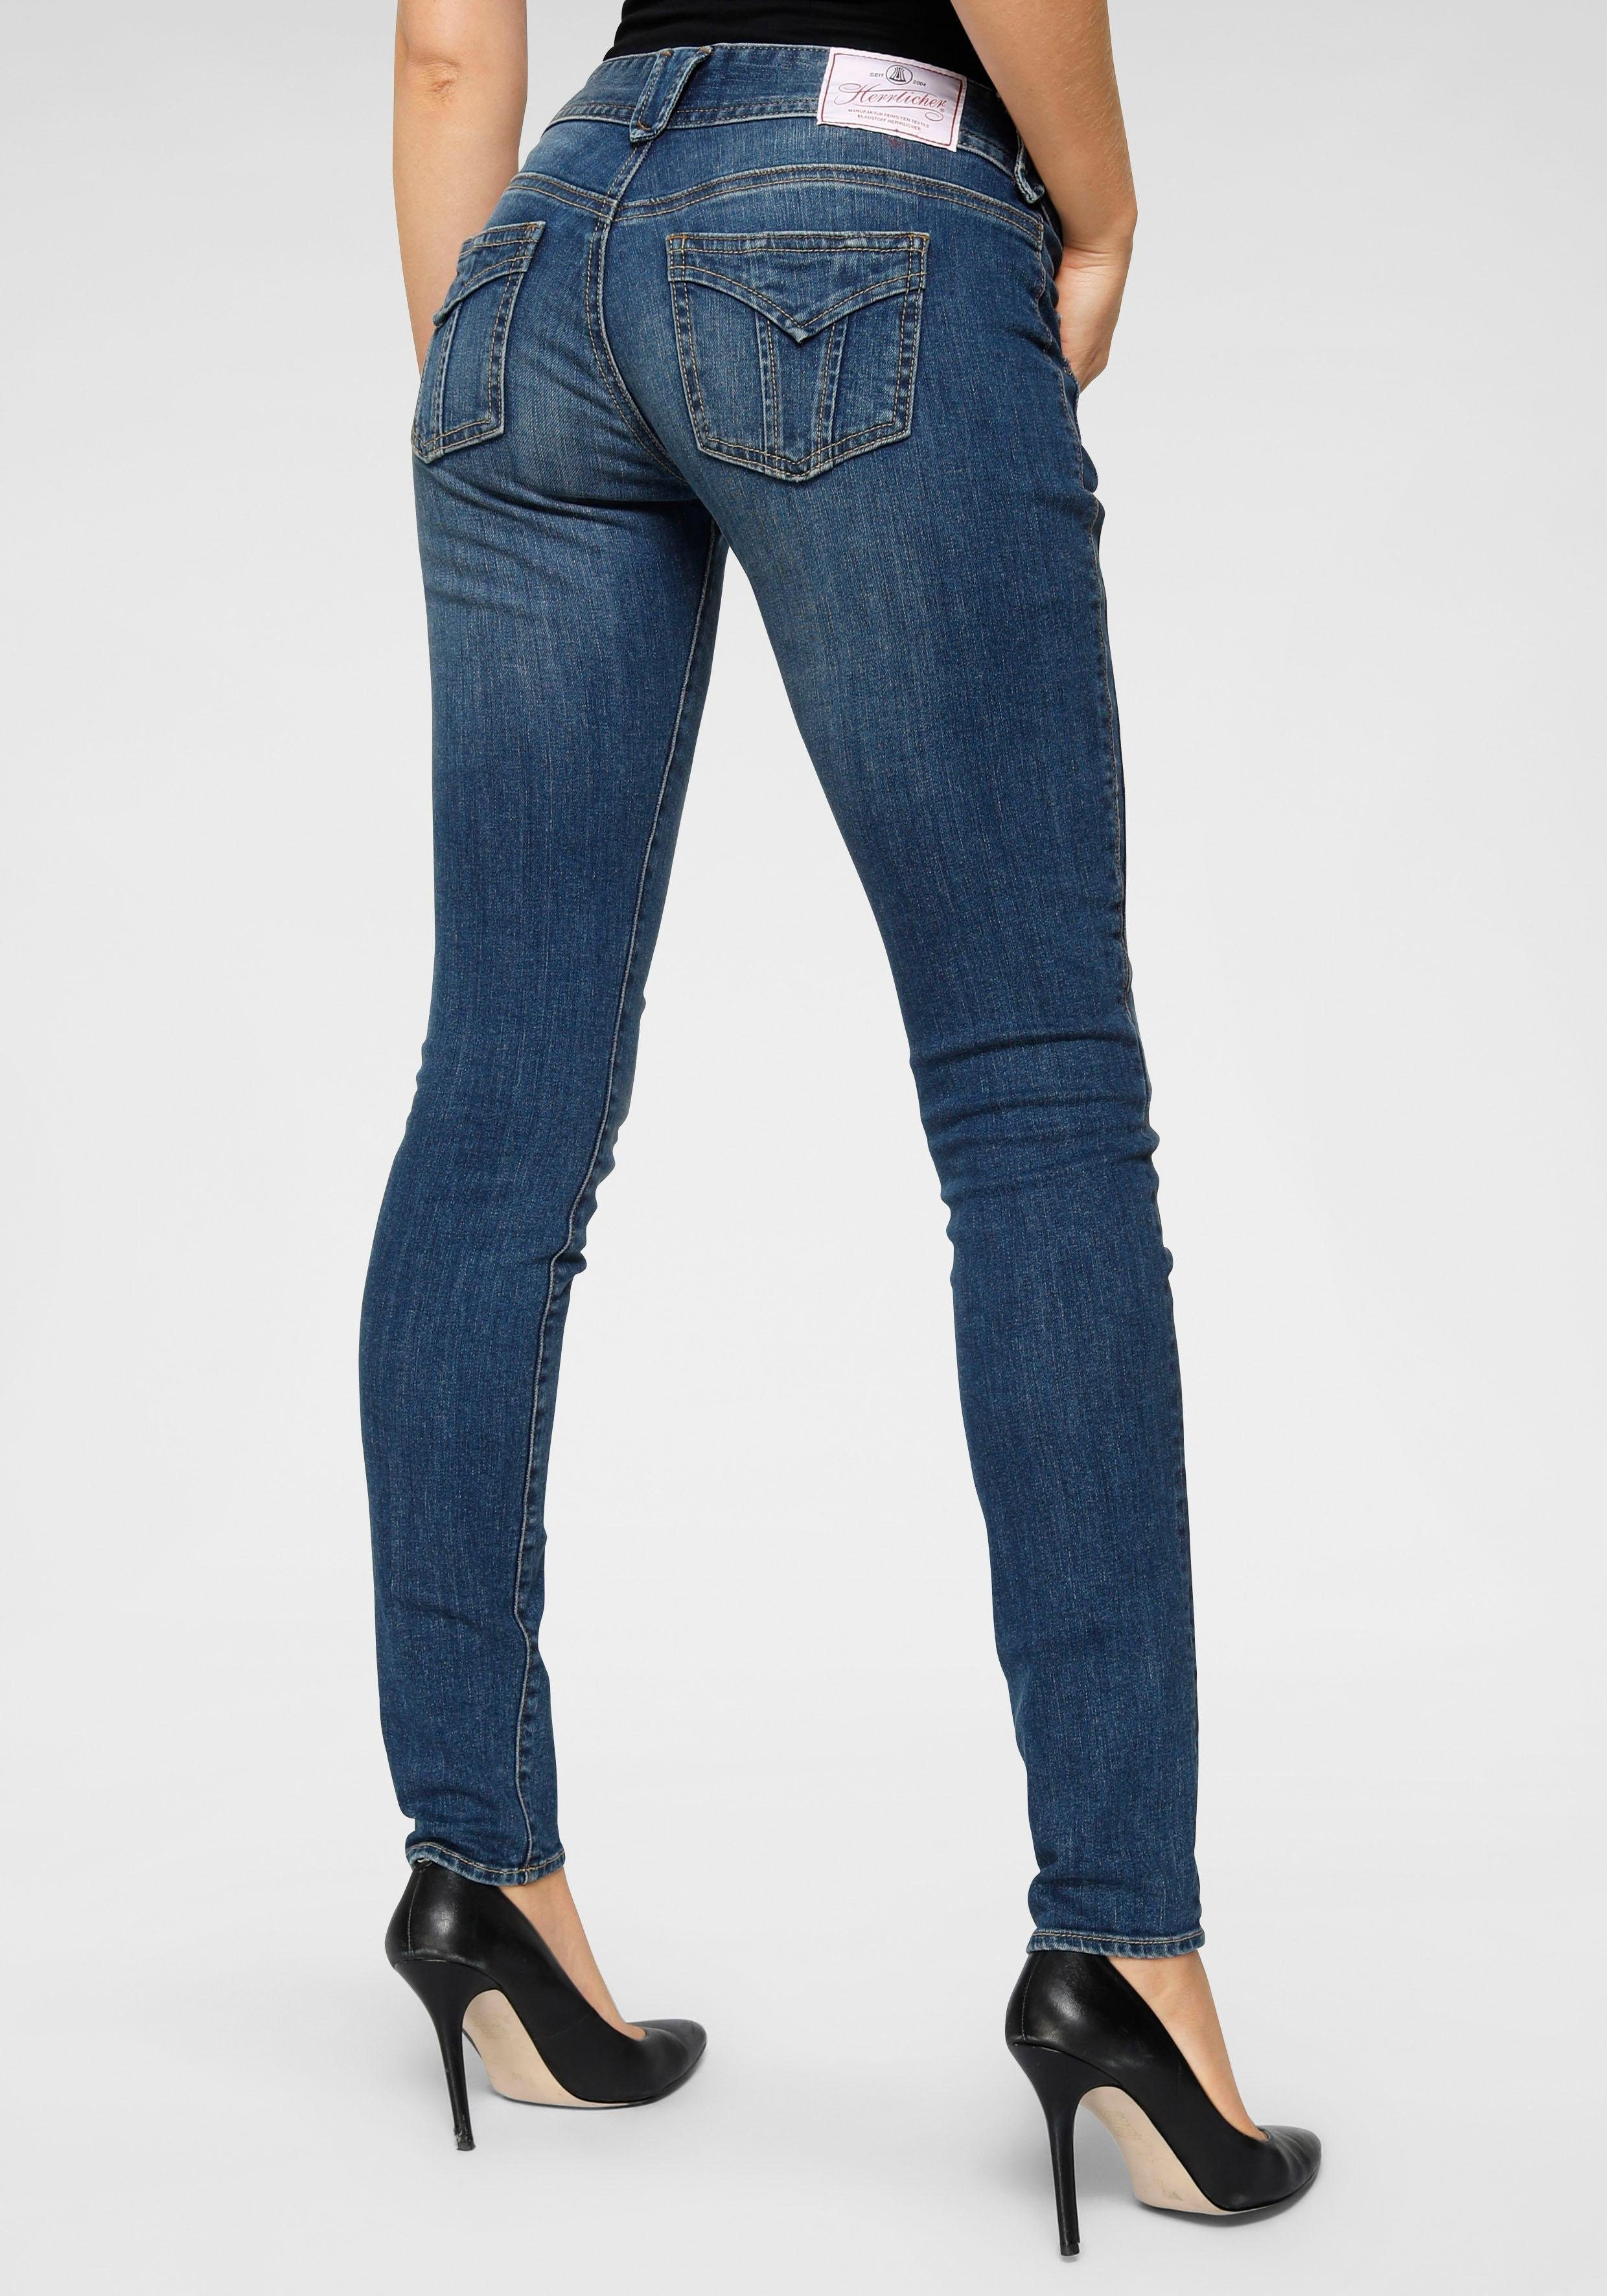 Herrlicher Röhrenjeans JAYDEN | Bekleidung > Jeans > Röhrenjeans | Herrlicher